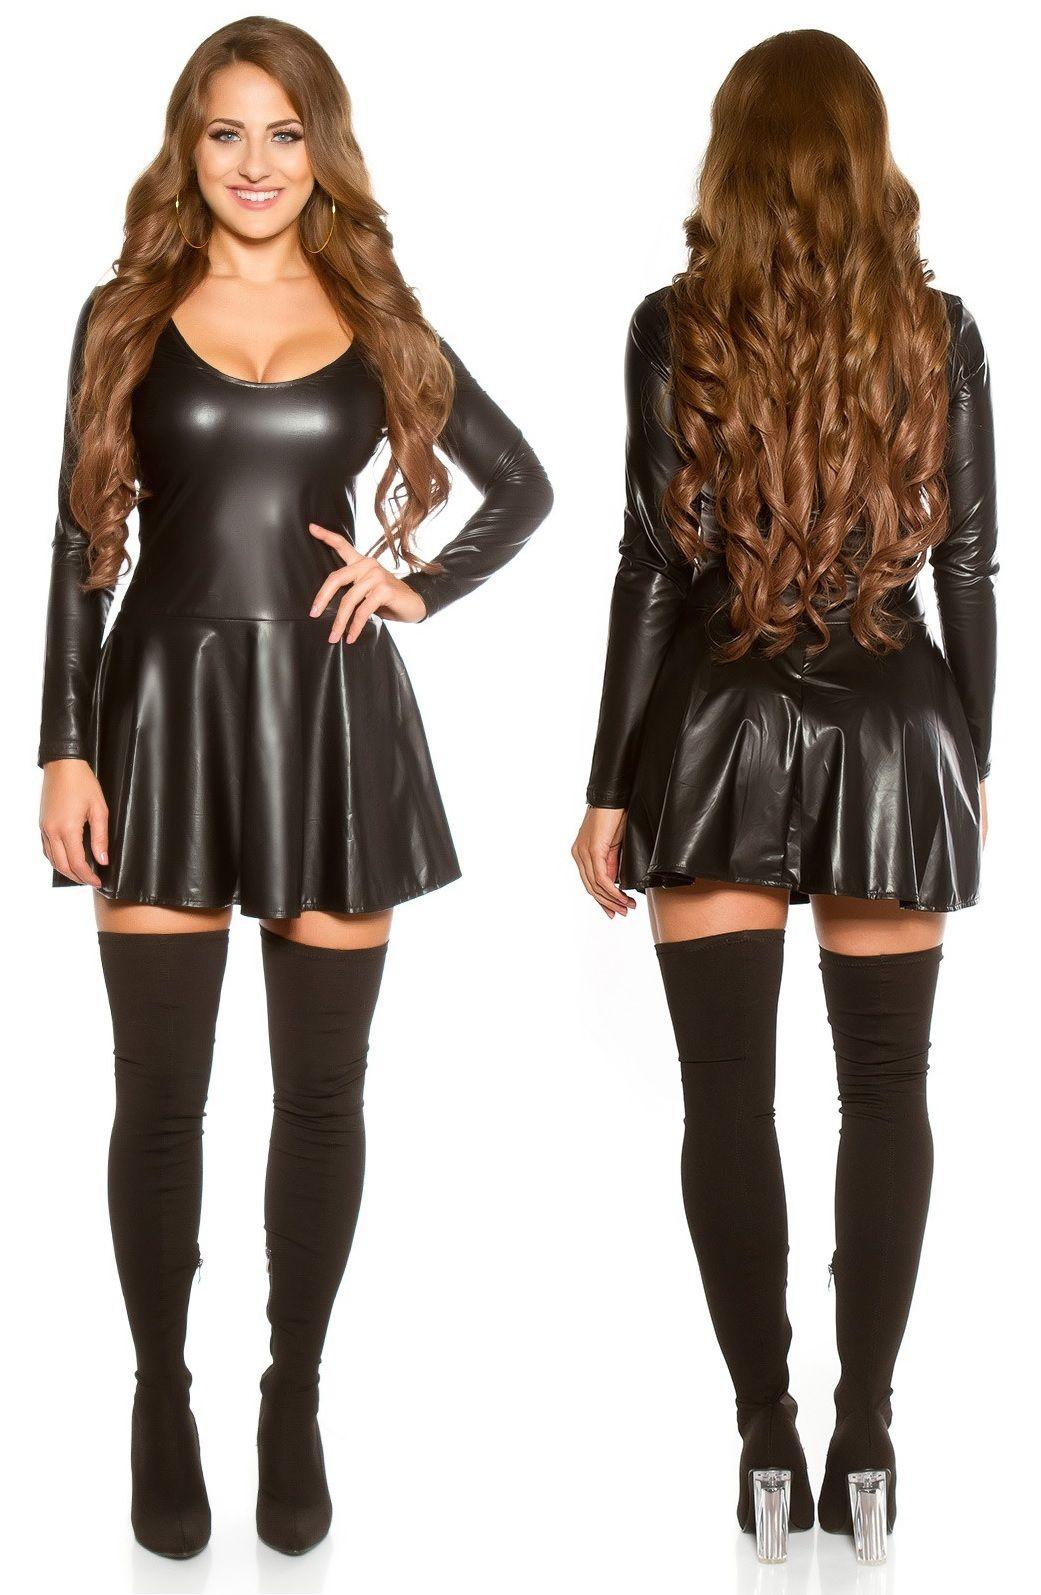 b4cce38d64 Hosszú ujjú bőr hatású ruha bő, széles szabású szoknyával. Anyaga: 95%  Polyester